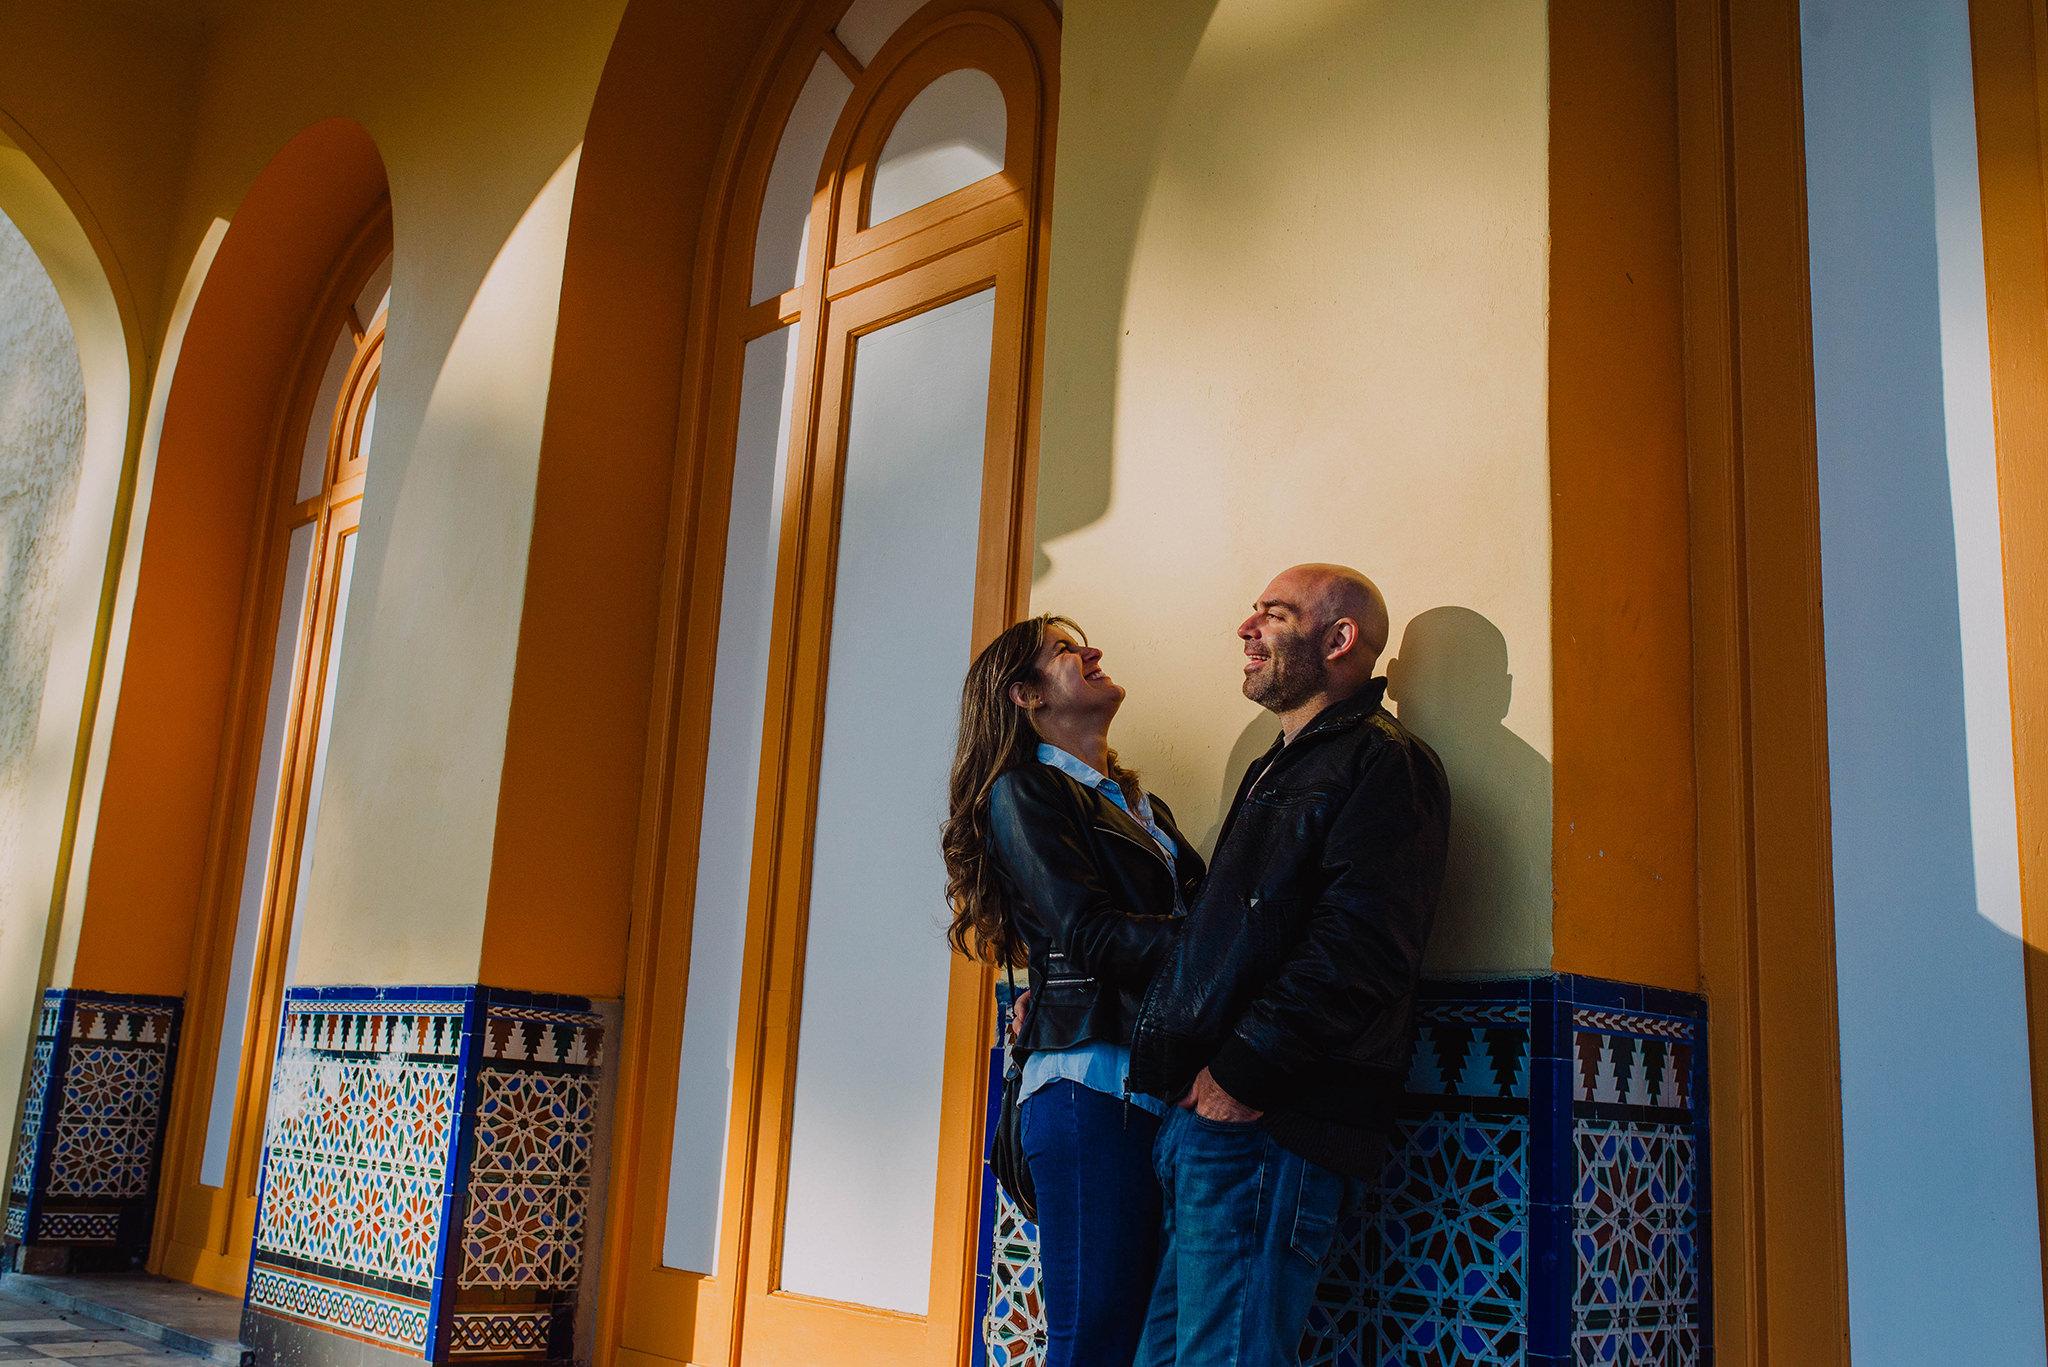 fotografos-casamiento-uruguay-5